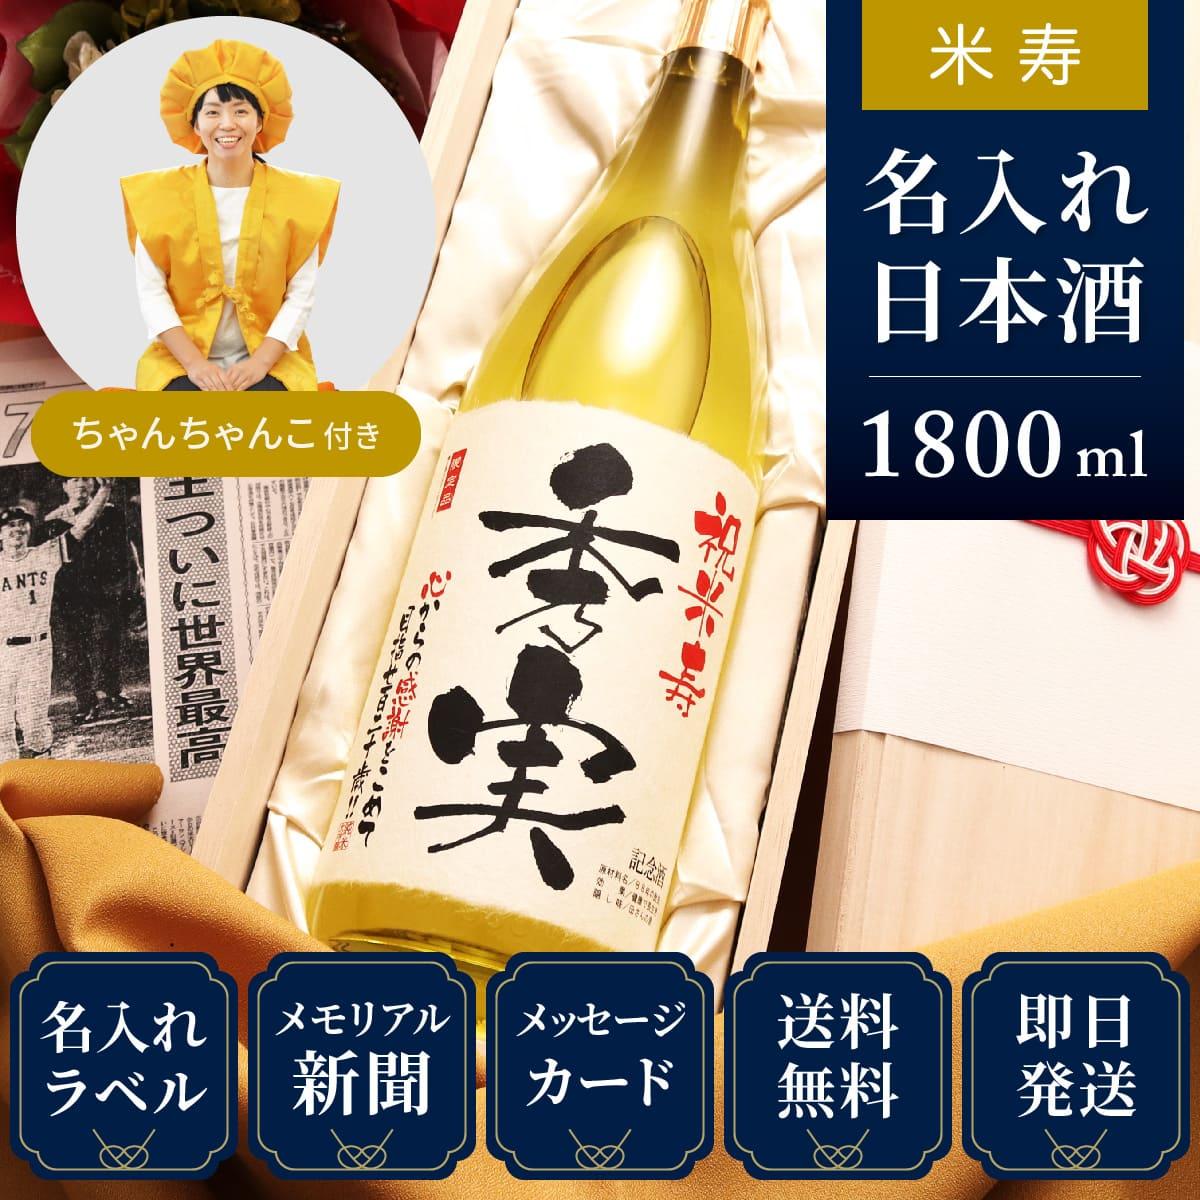 米寿ちゃんちゃんこ(日本製)と黄色瓶セット「黄凛」1800ml(日本酒)